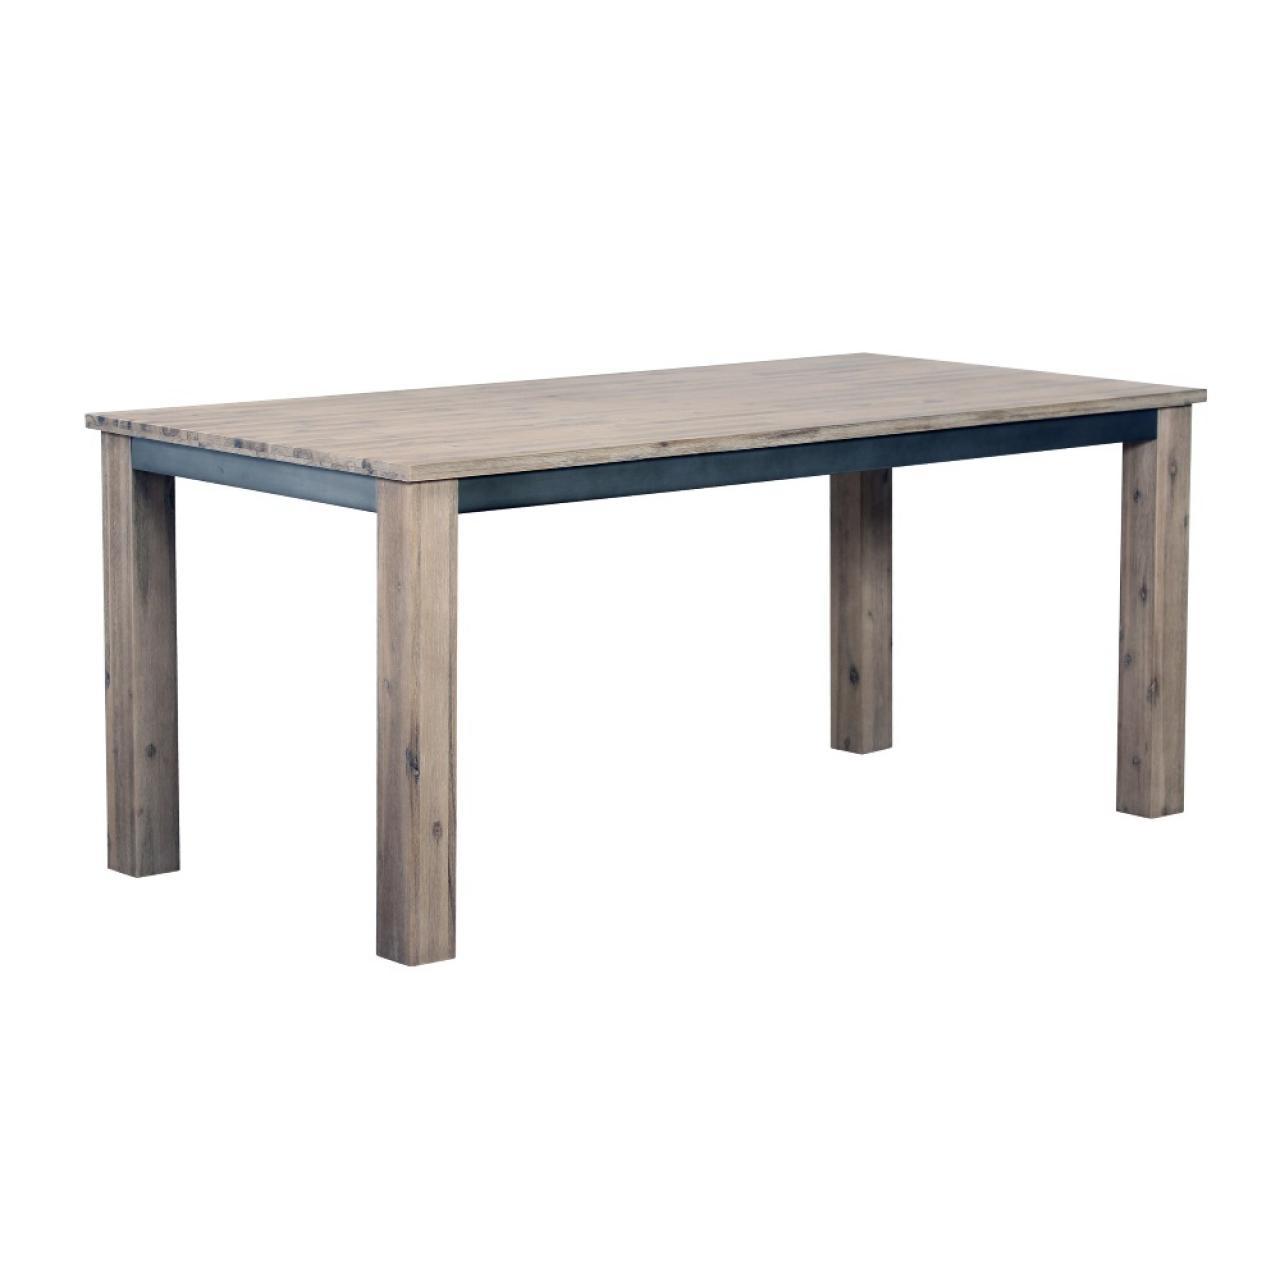 Esstisch RFD, Küchentisch, Tisch, Esszimmertisch, Akazienholz, ca. 180x90 cm